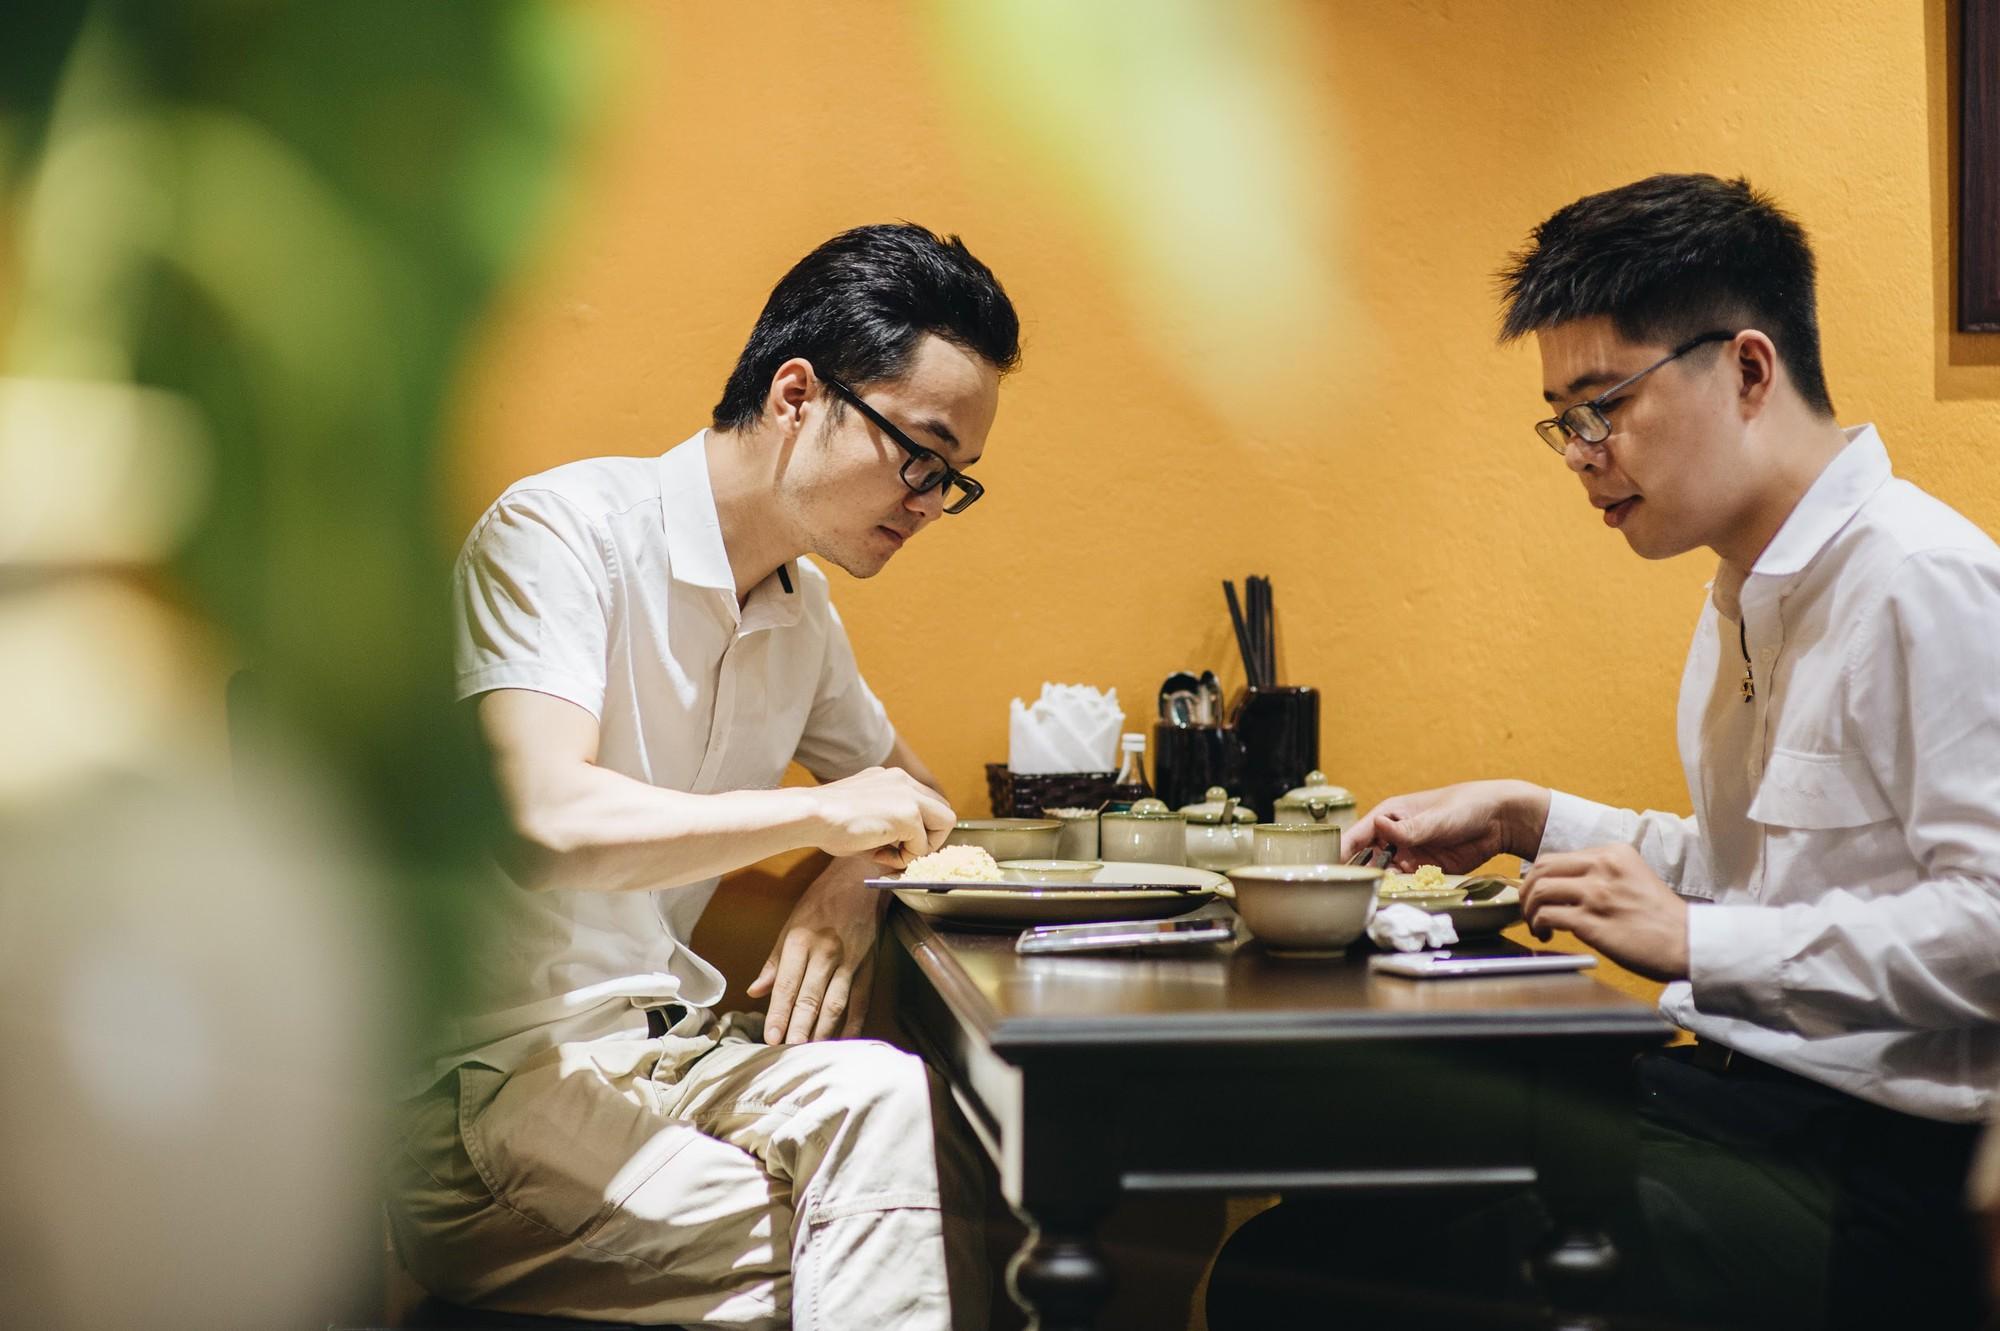 Ngược dòng thời gian cùng Phở Cội: Tìm phong vị phở giữa không gian nhà hàng ấm áp, gợi nét đẹp xưa Hà Nội - Ảnh 3.